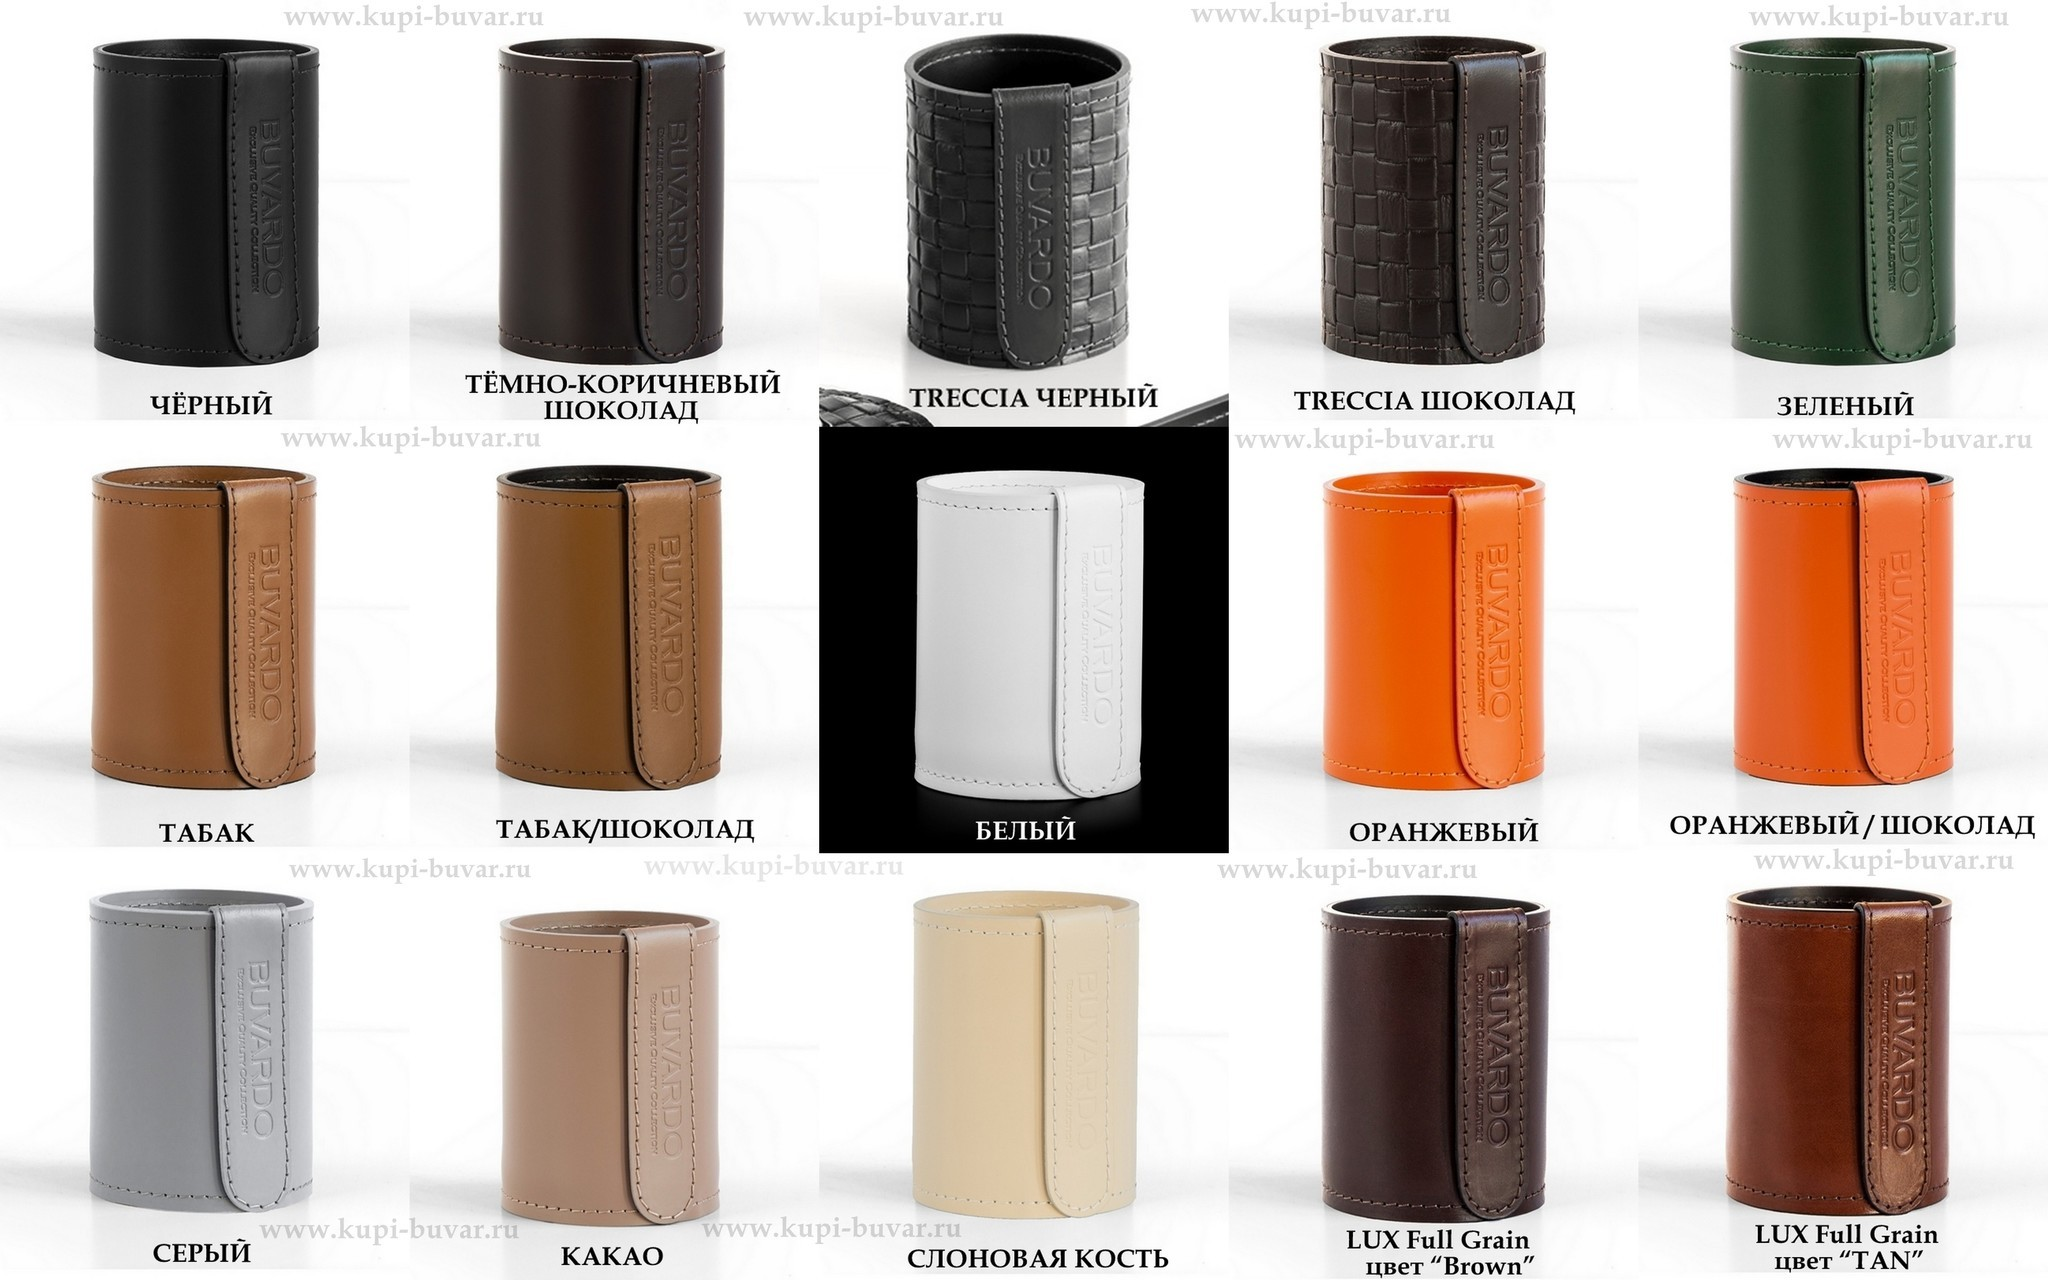 Варианты цвета кожи Cuoietto для набора 1492-СТ 10 предметов.